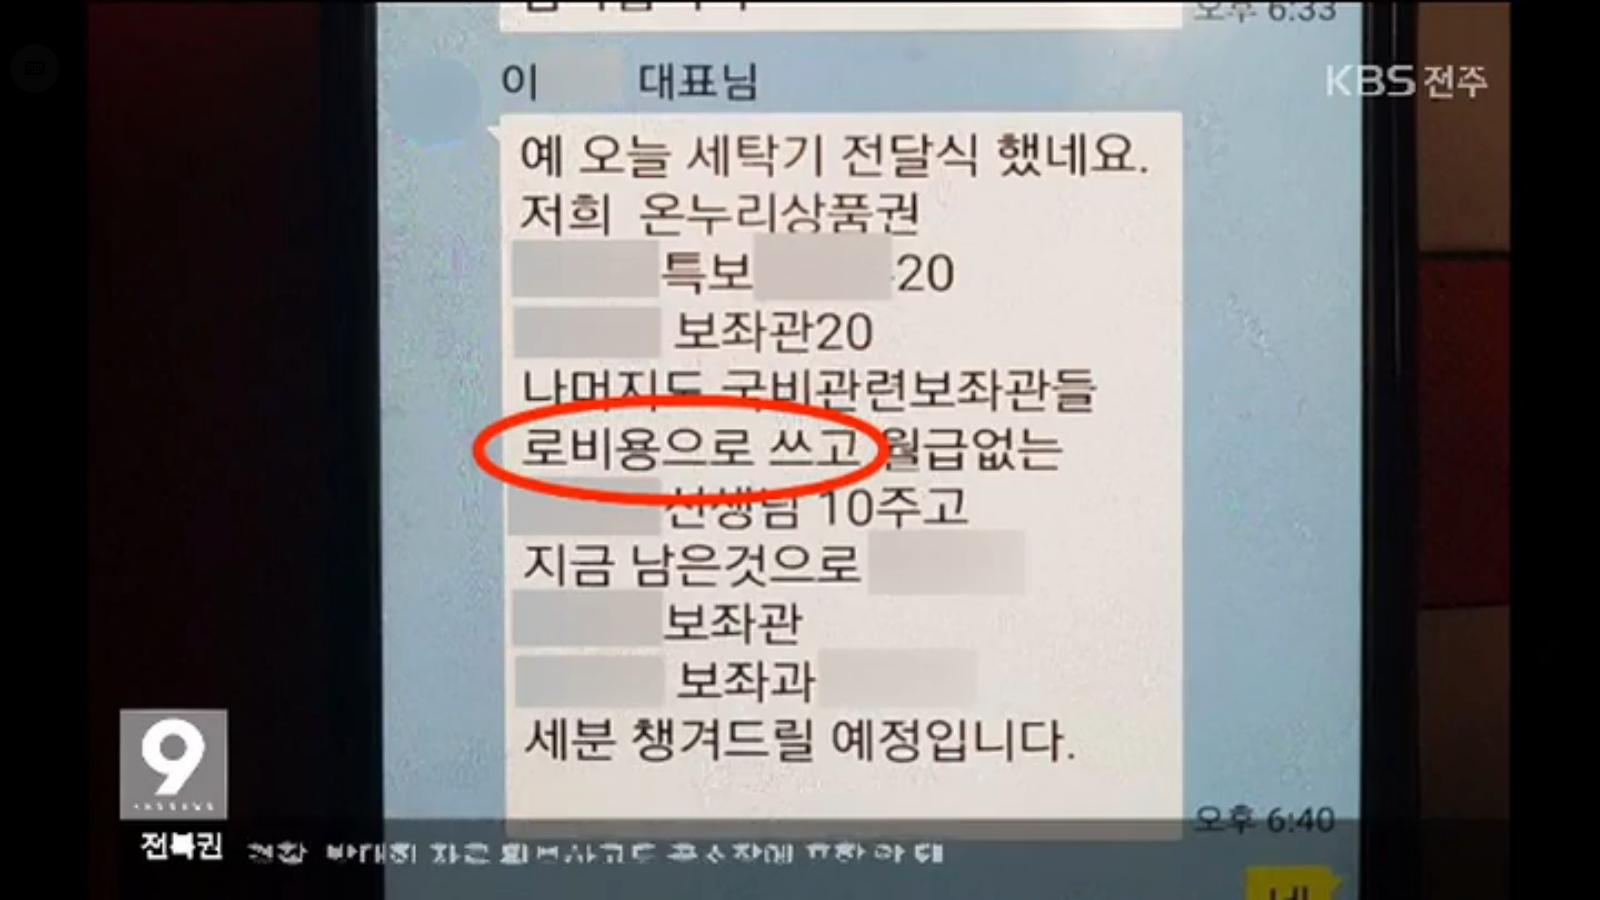 [18.3.30 KBS전주] 전주봉침게이트 재수사여론 빗발... 검찰, 자정 시급4.jpg